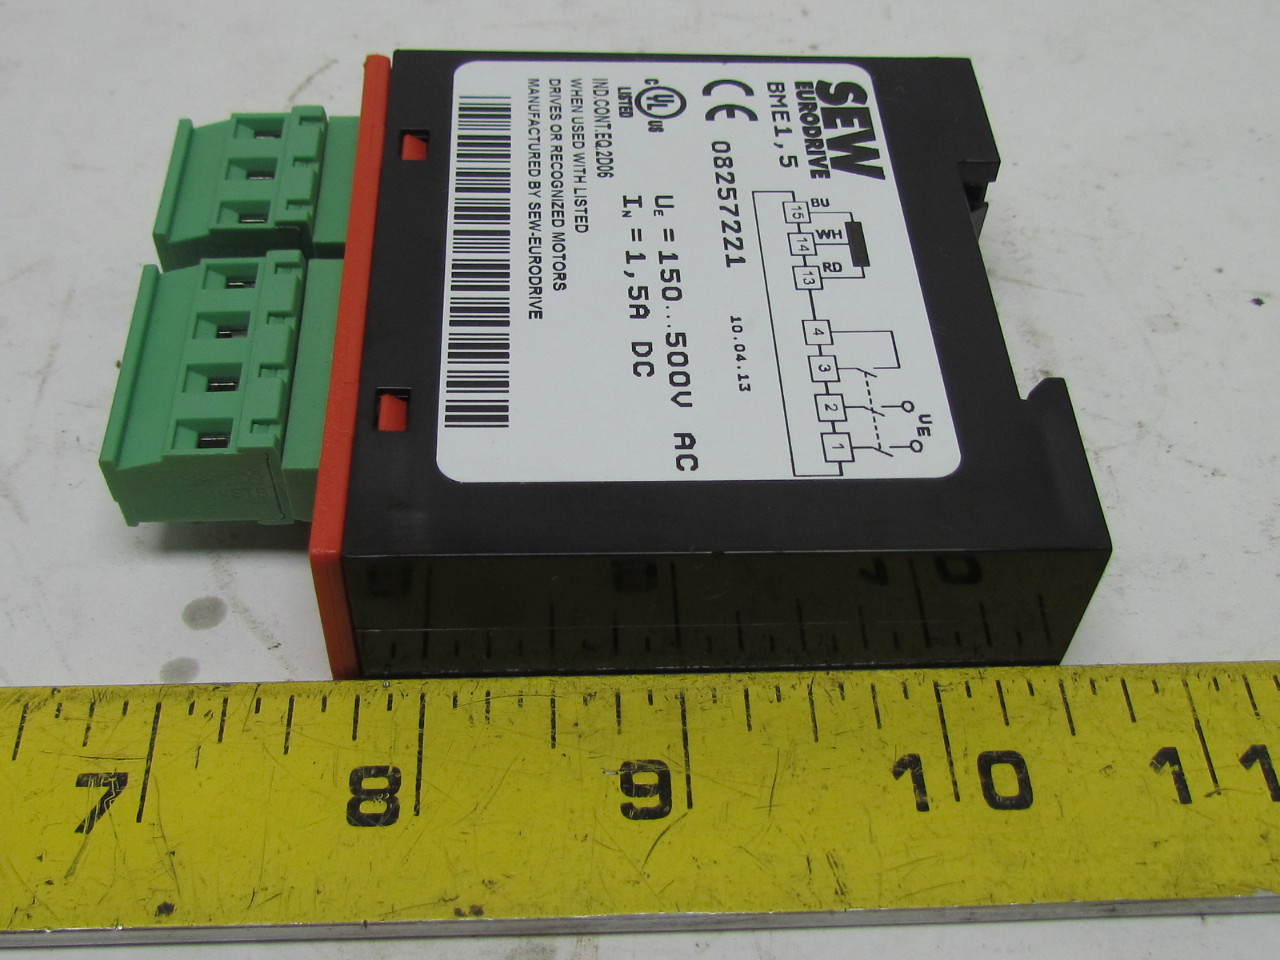 sew eurodrive 08257221 brake rectifier bme 1 5 500vac new ebay Eurodrive Wiring Diagrams sew eurodrive 08257221 brake rectifier bme 1 5 500vac new sew eurodrive wiring diagrams